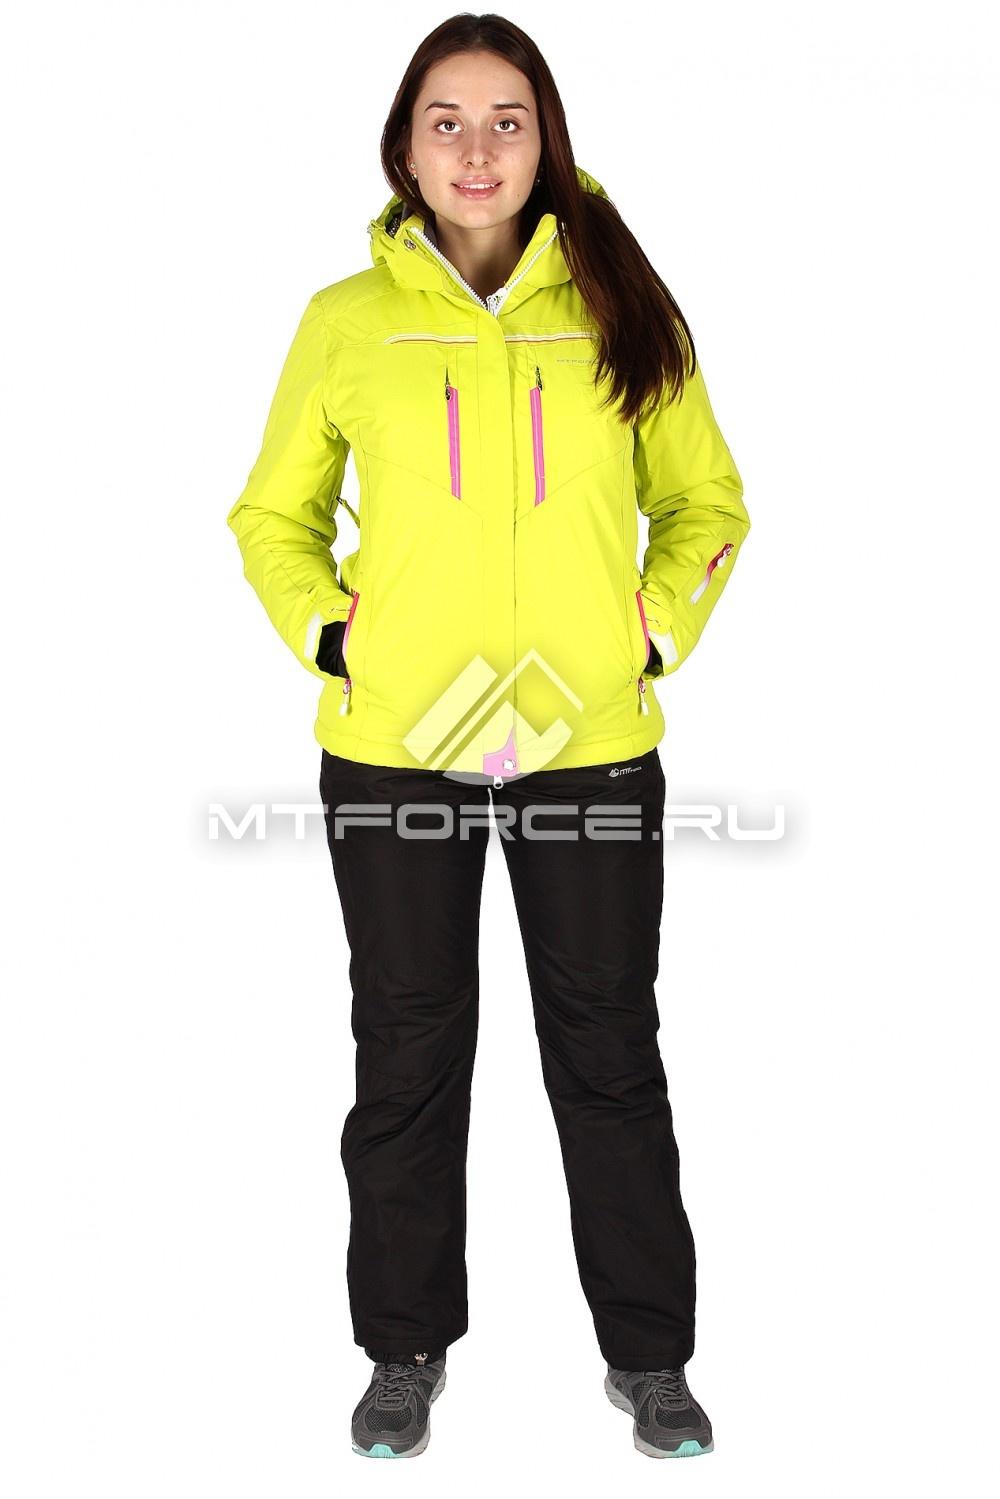 Купить                                  оптом Костюм горнолыжный женский желтого цвета 01526J